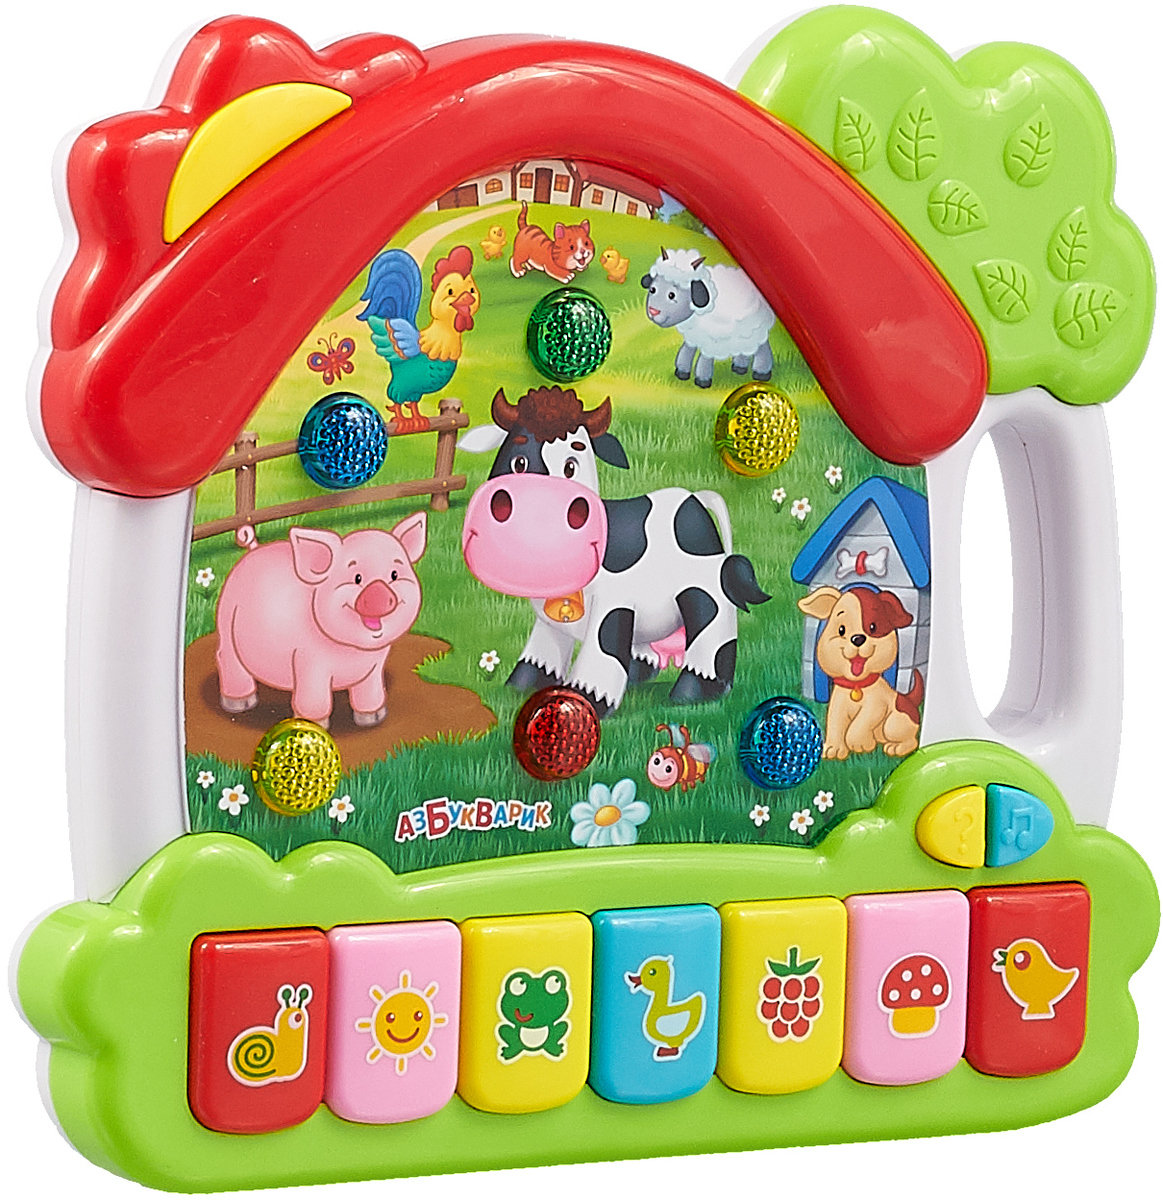 Музыкальная игрушка Азбукварик Музыкальный домик. Ферма игрушка обучающая музыкальная азбукварик ферма музыкальный домик